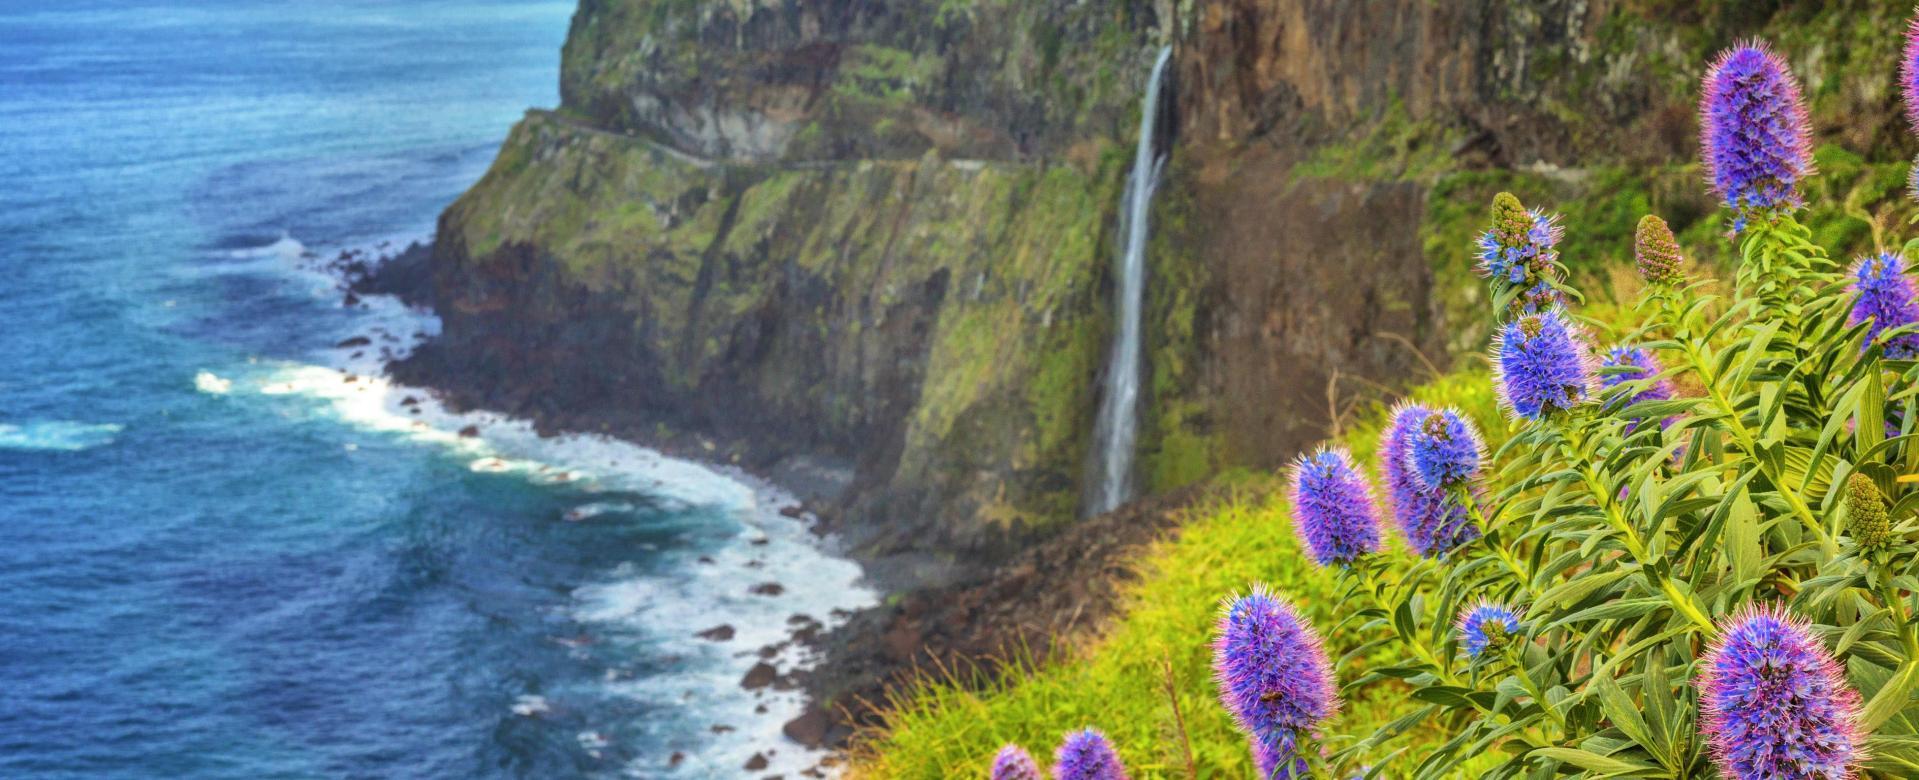 Voyage à pied : Escapade sur l'île aux fleurs